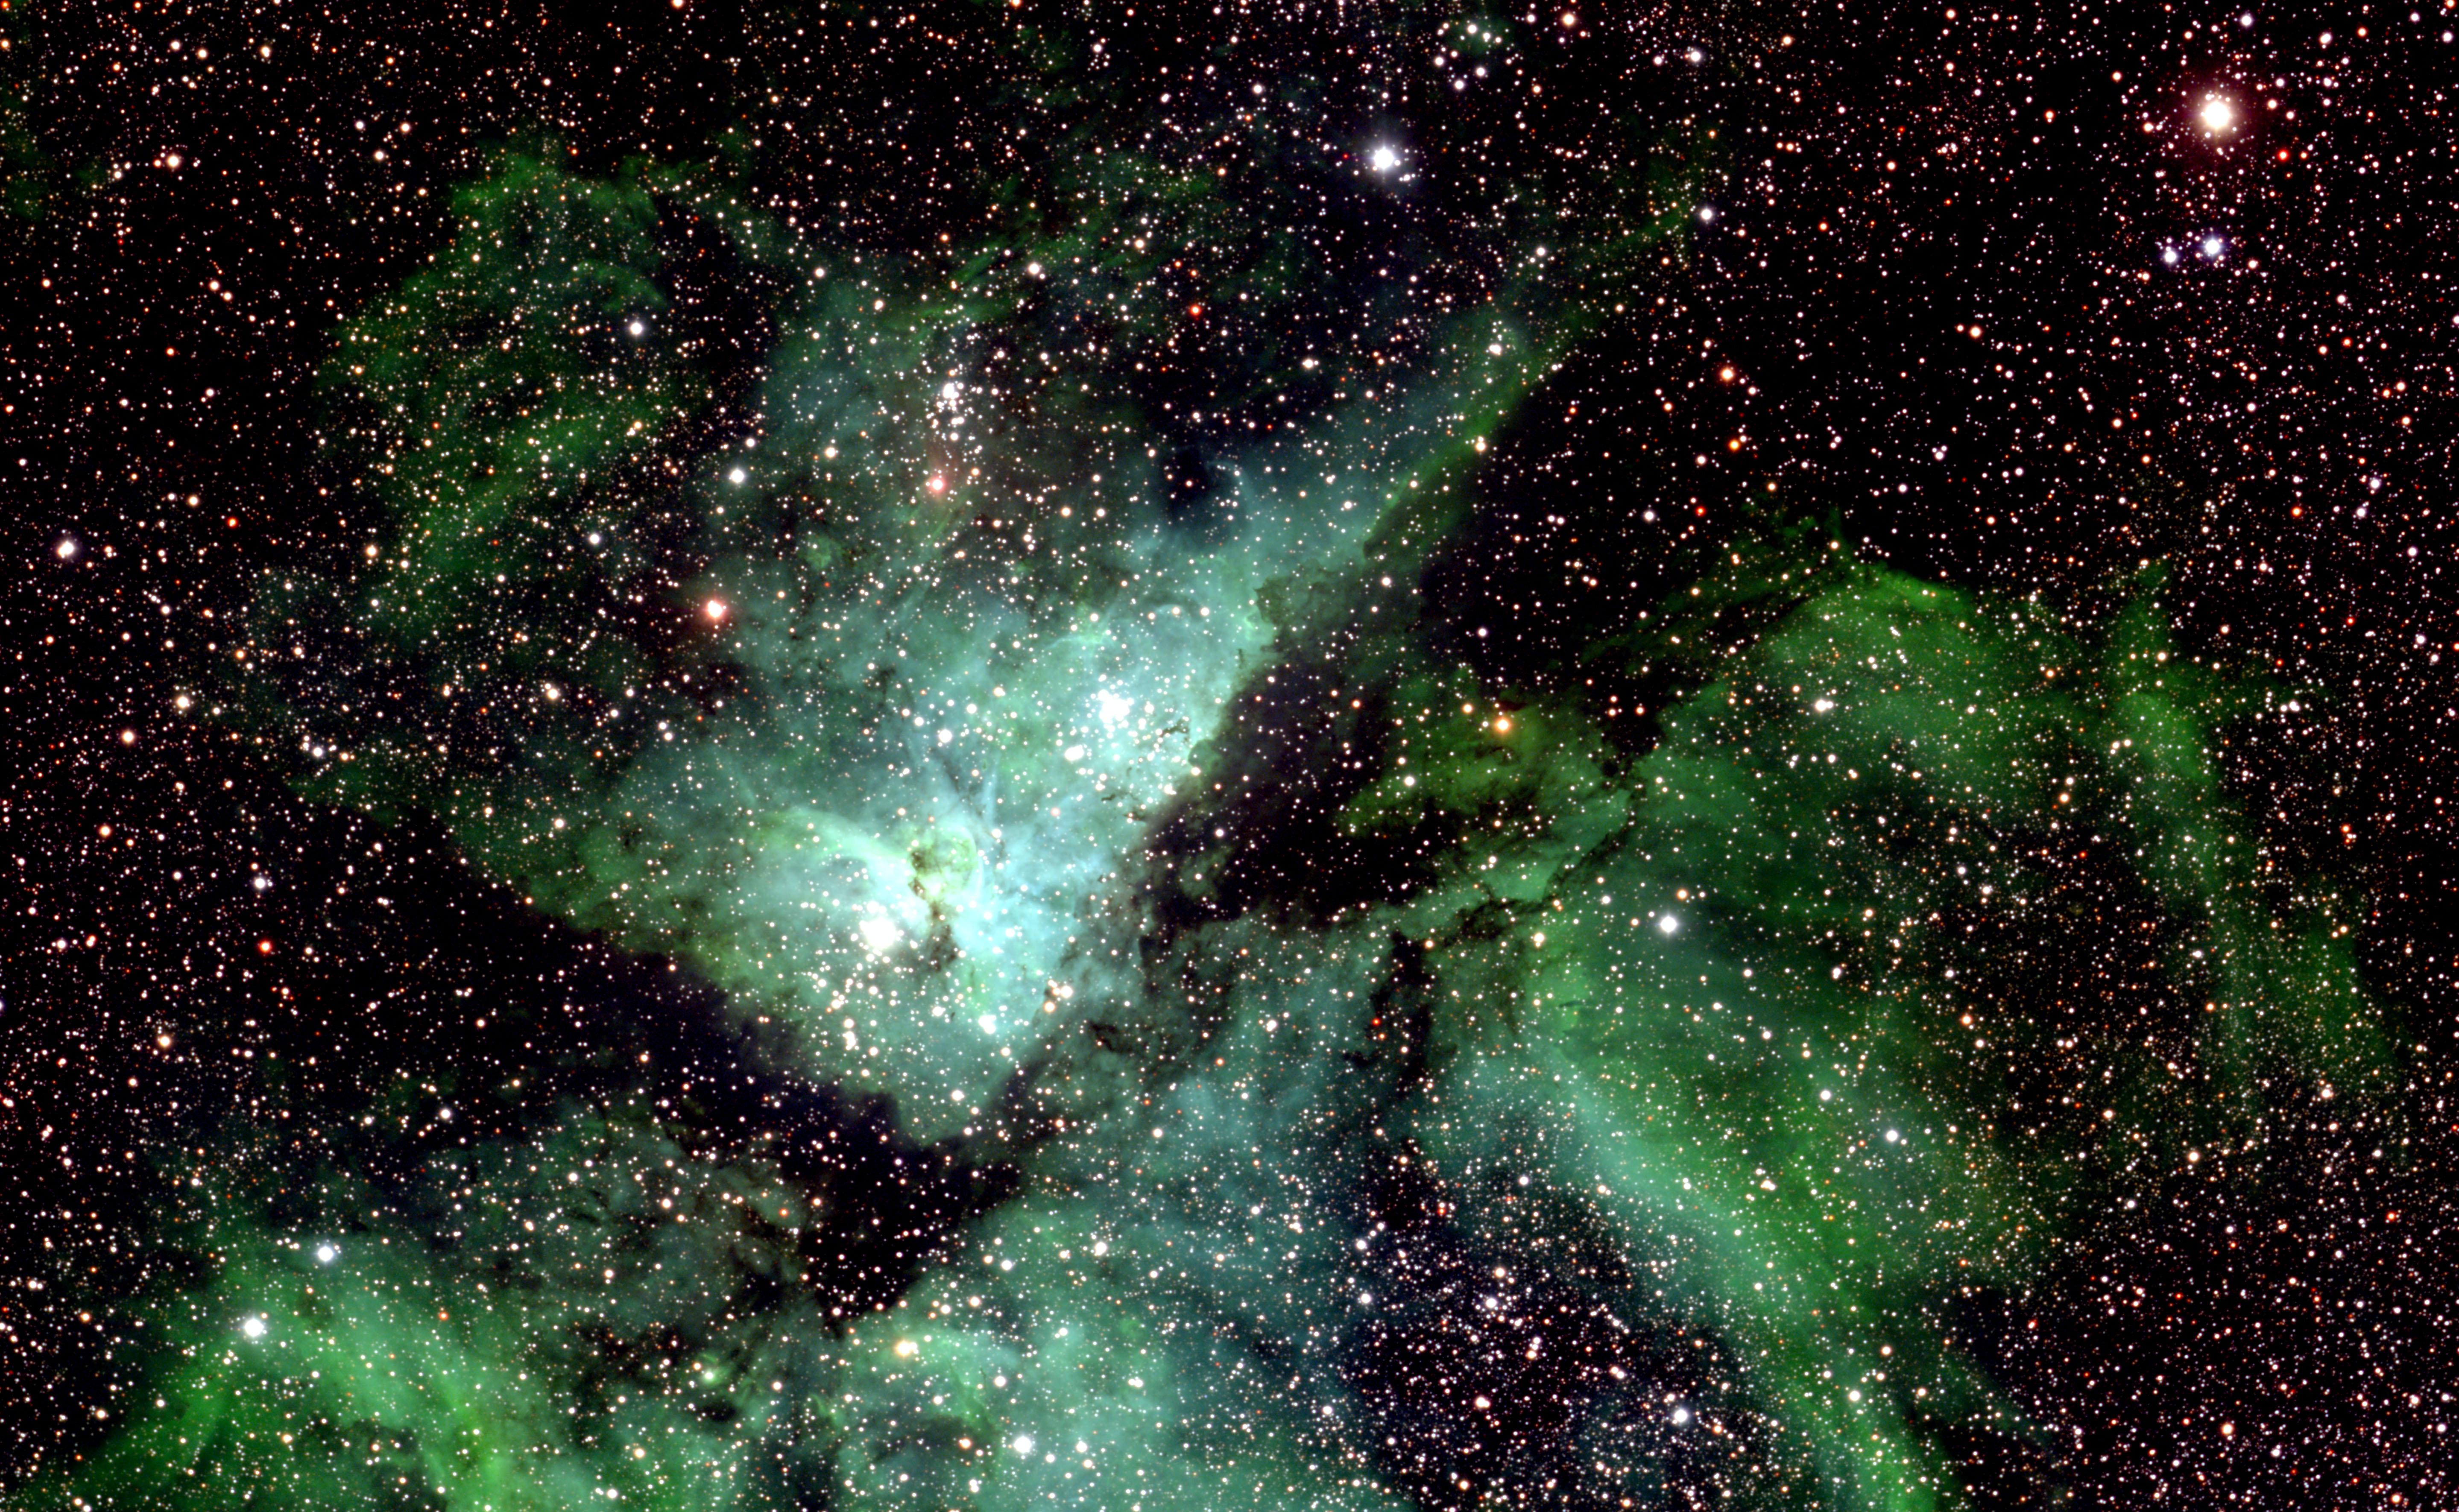 Le système stellaire Eta Carinae, dans la nébuleuse de la Carène